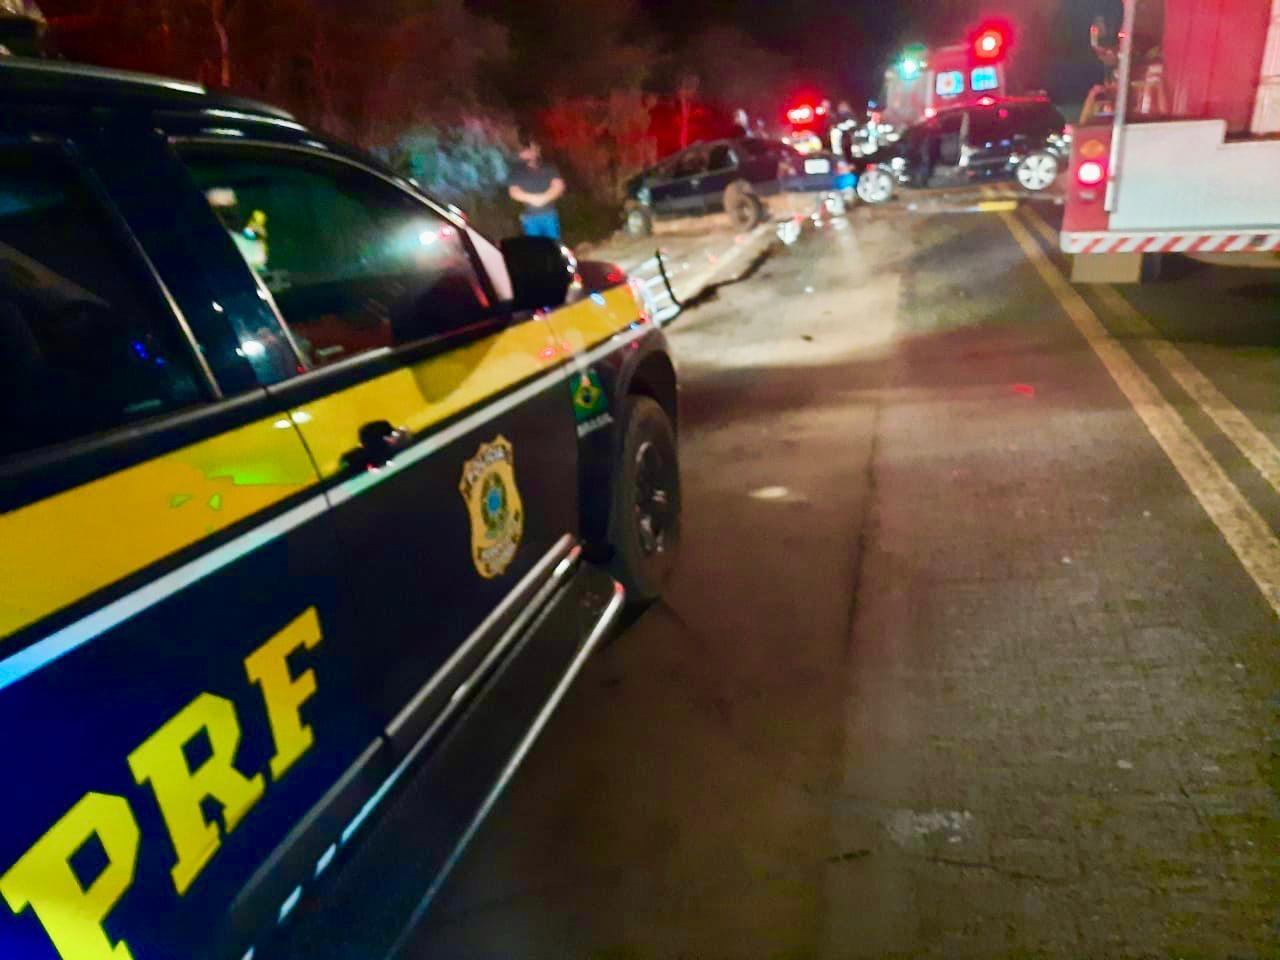 Jovem de 21 anos morre em acidente entre dois veículos na BR-468, em Palmeira das Missões